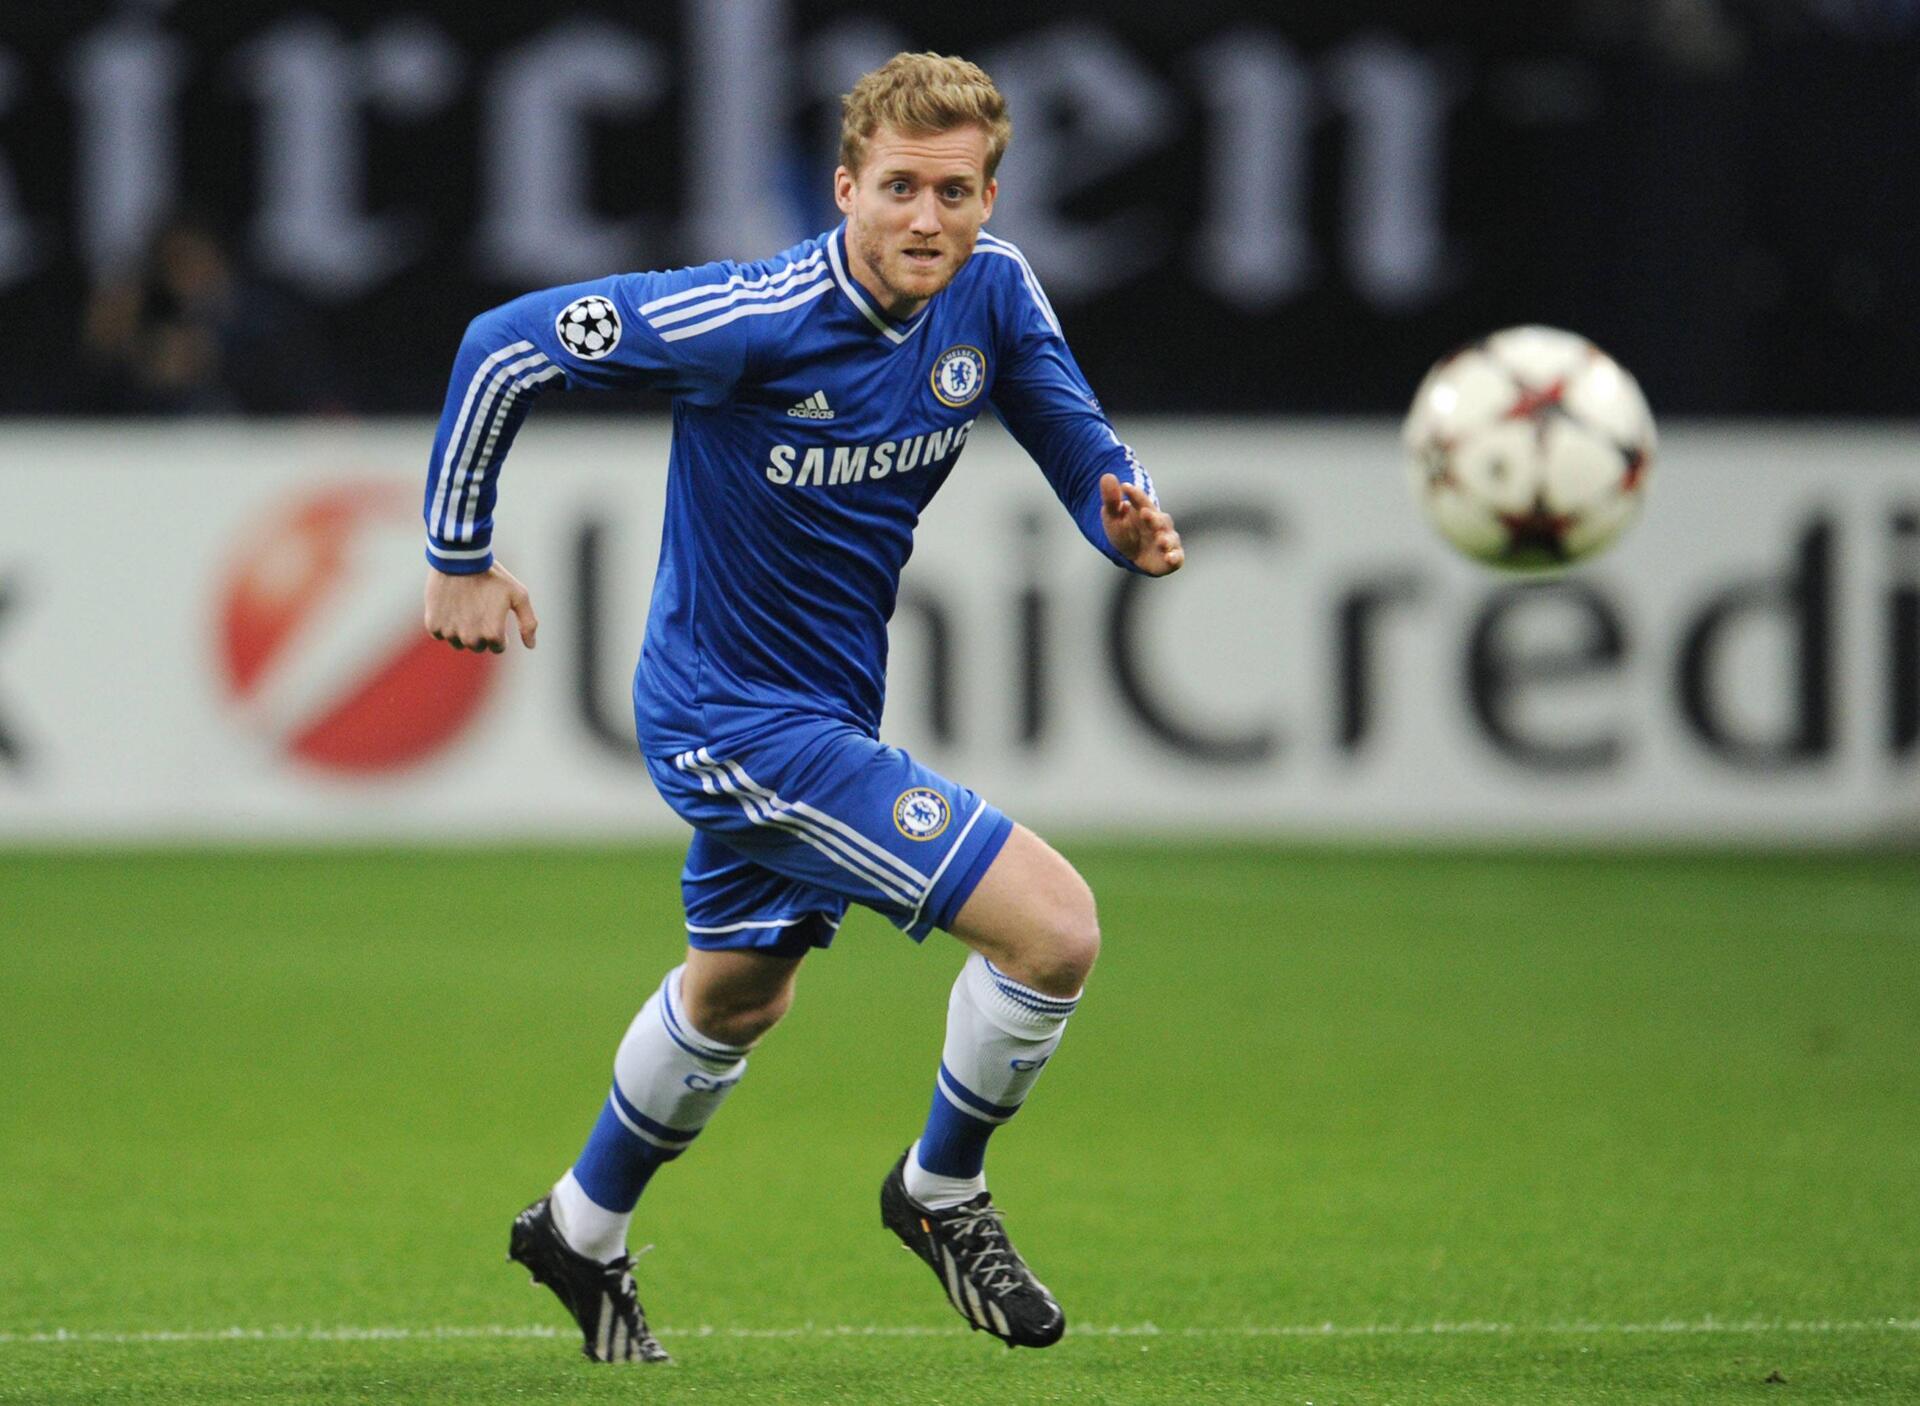 Bild zu André Schürrle, FC Chelsea, Champions League